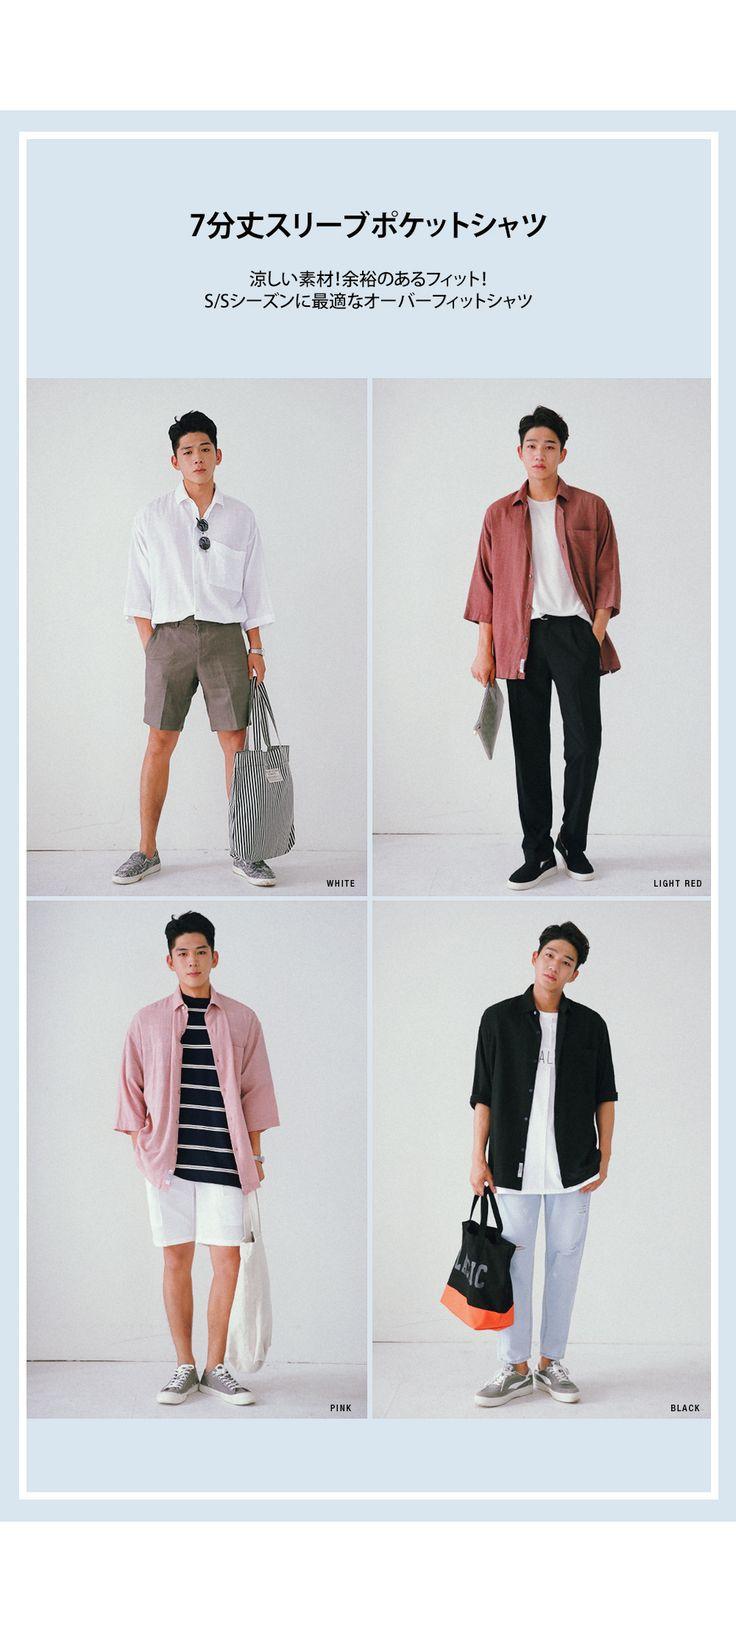 リネン混7分丈スリーブポケットシャツ・全6色シャツシャツ|レディースファッション通販 DHOLICディーホリック [ファストファッション 水着 ワンピース]